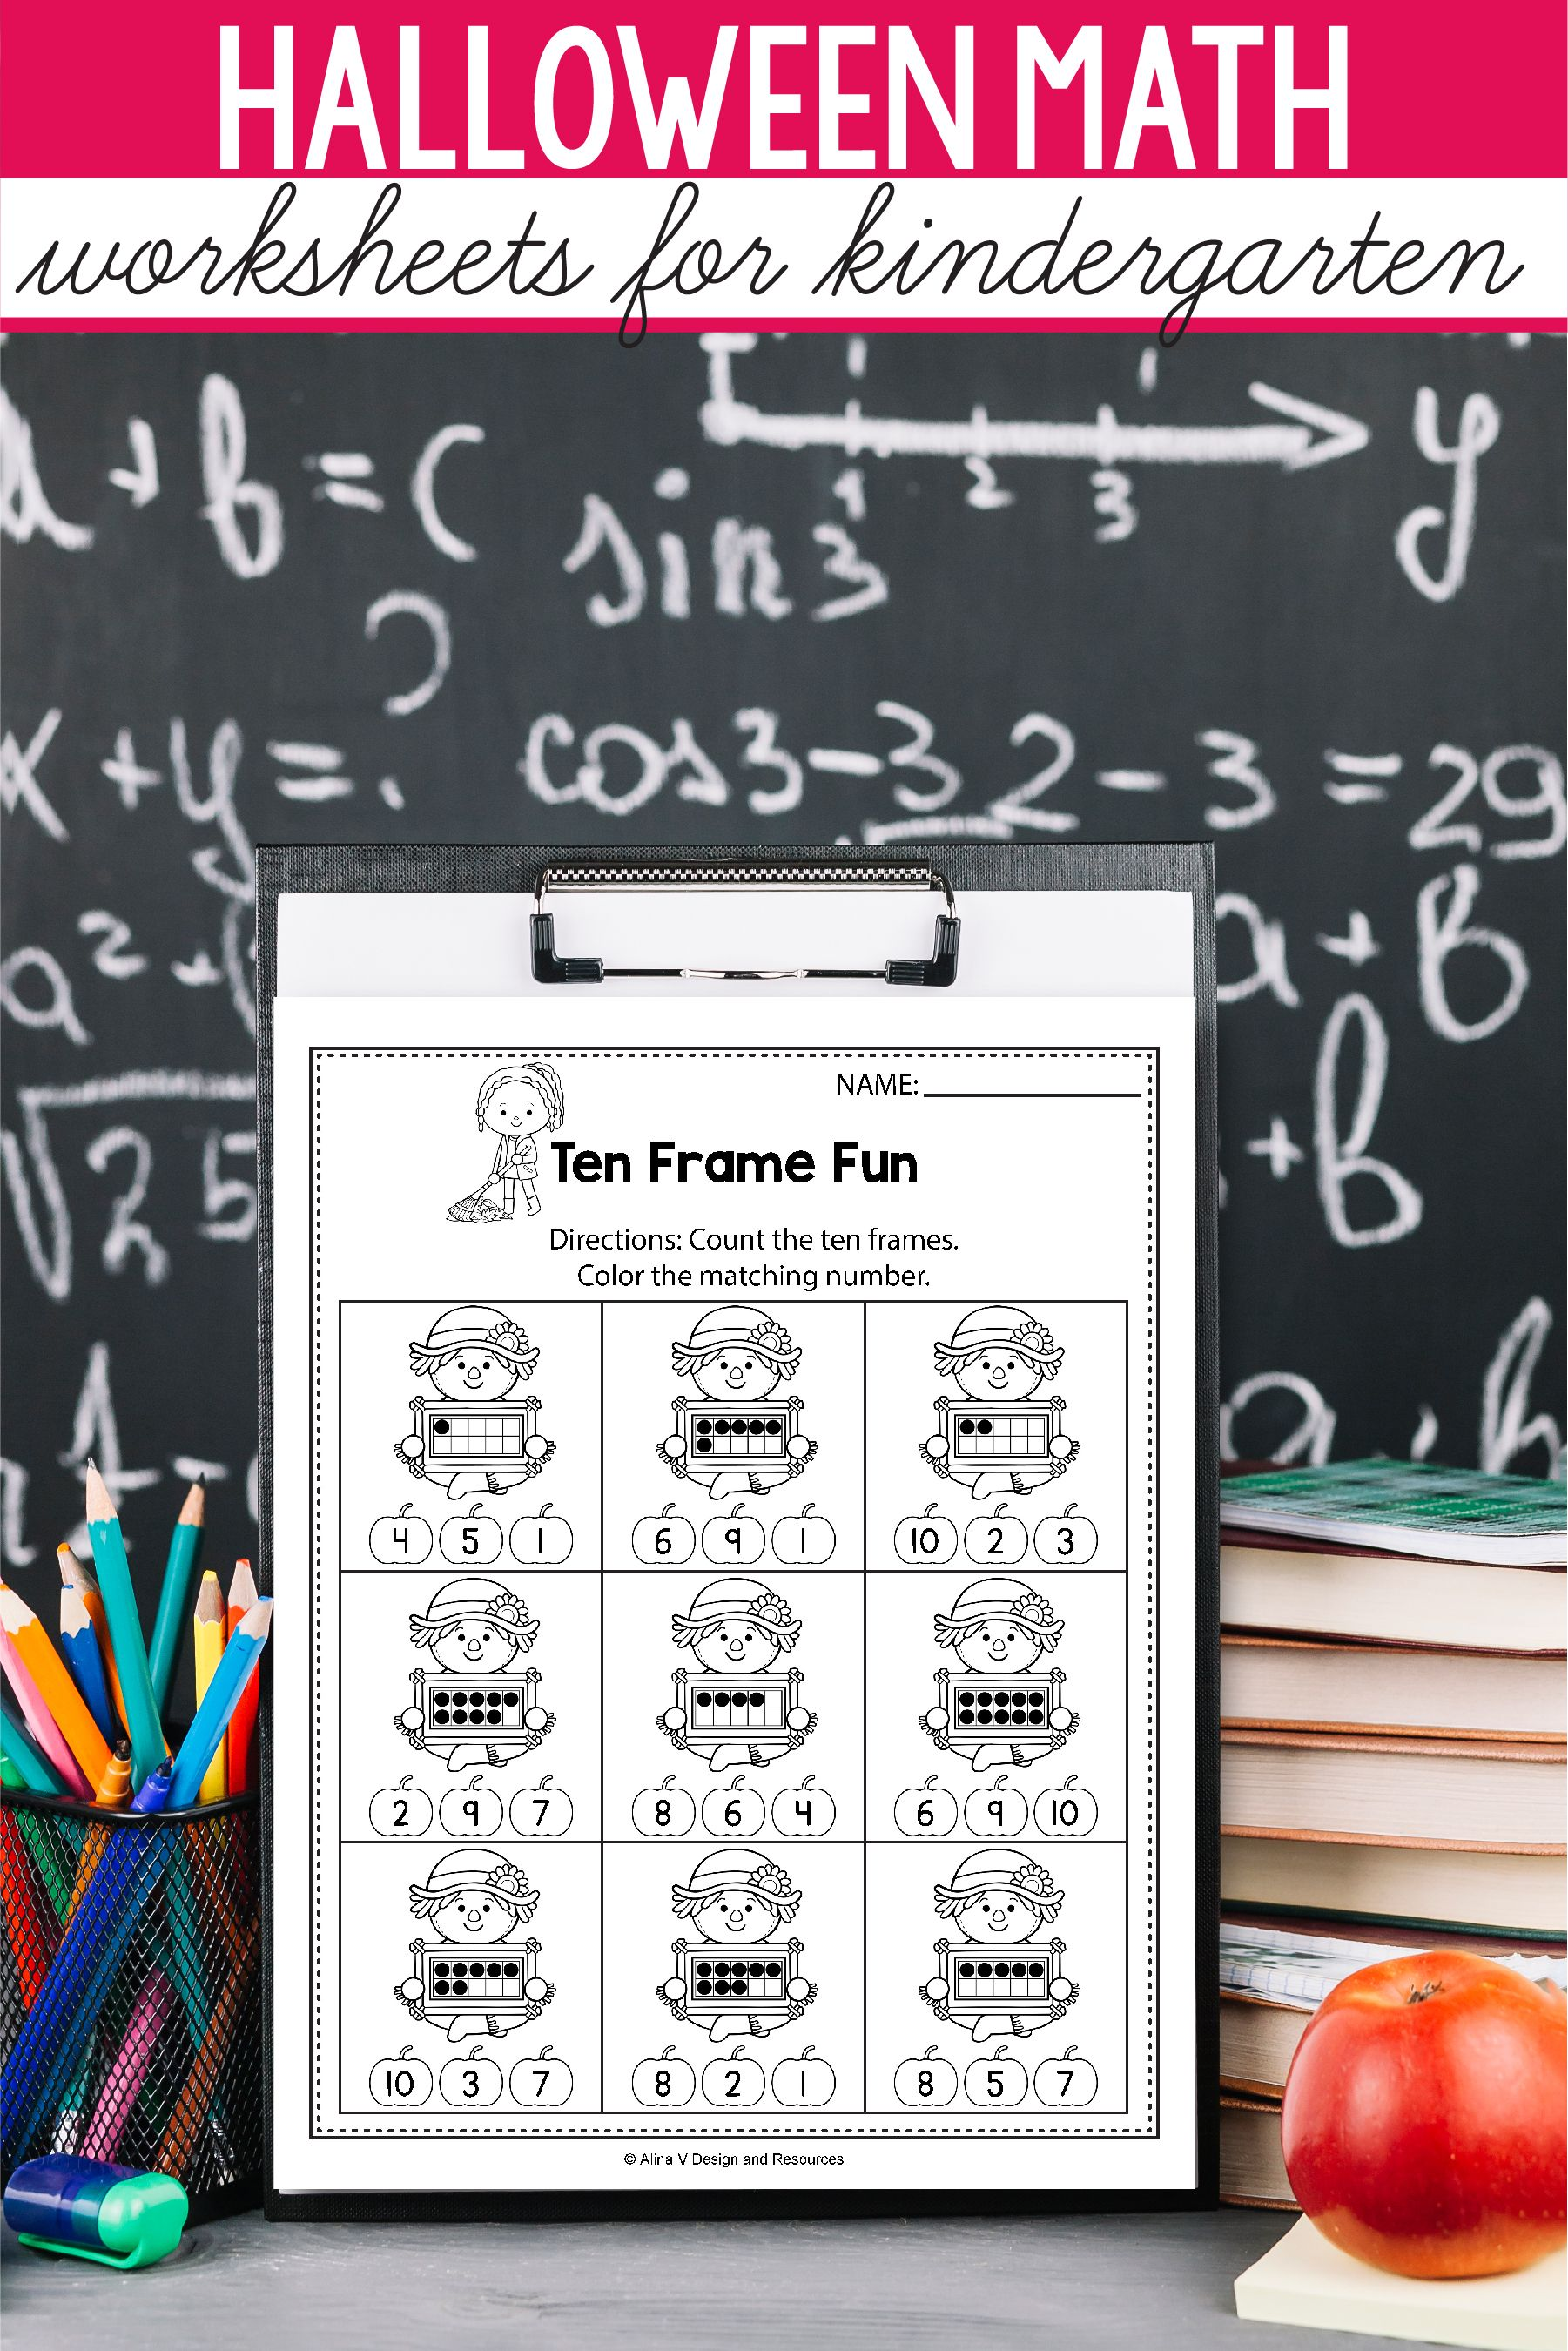 Halloween Math Activities For Kindergarten 1st Grade And Preschool Is Fun With This Comm Halloween Math Activities Halloween Math Kindergarten Math Activities [ 2700 x 1801 Pixel ]